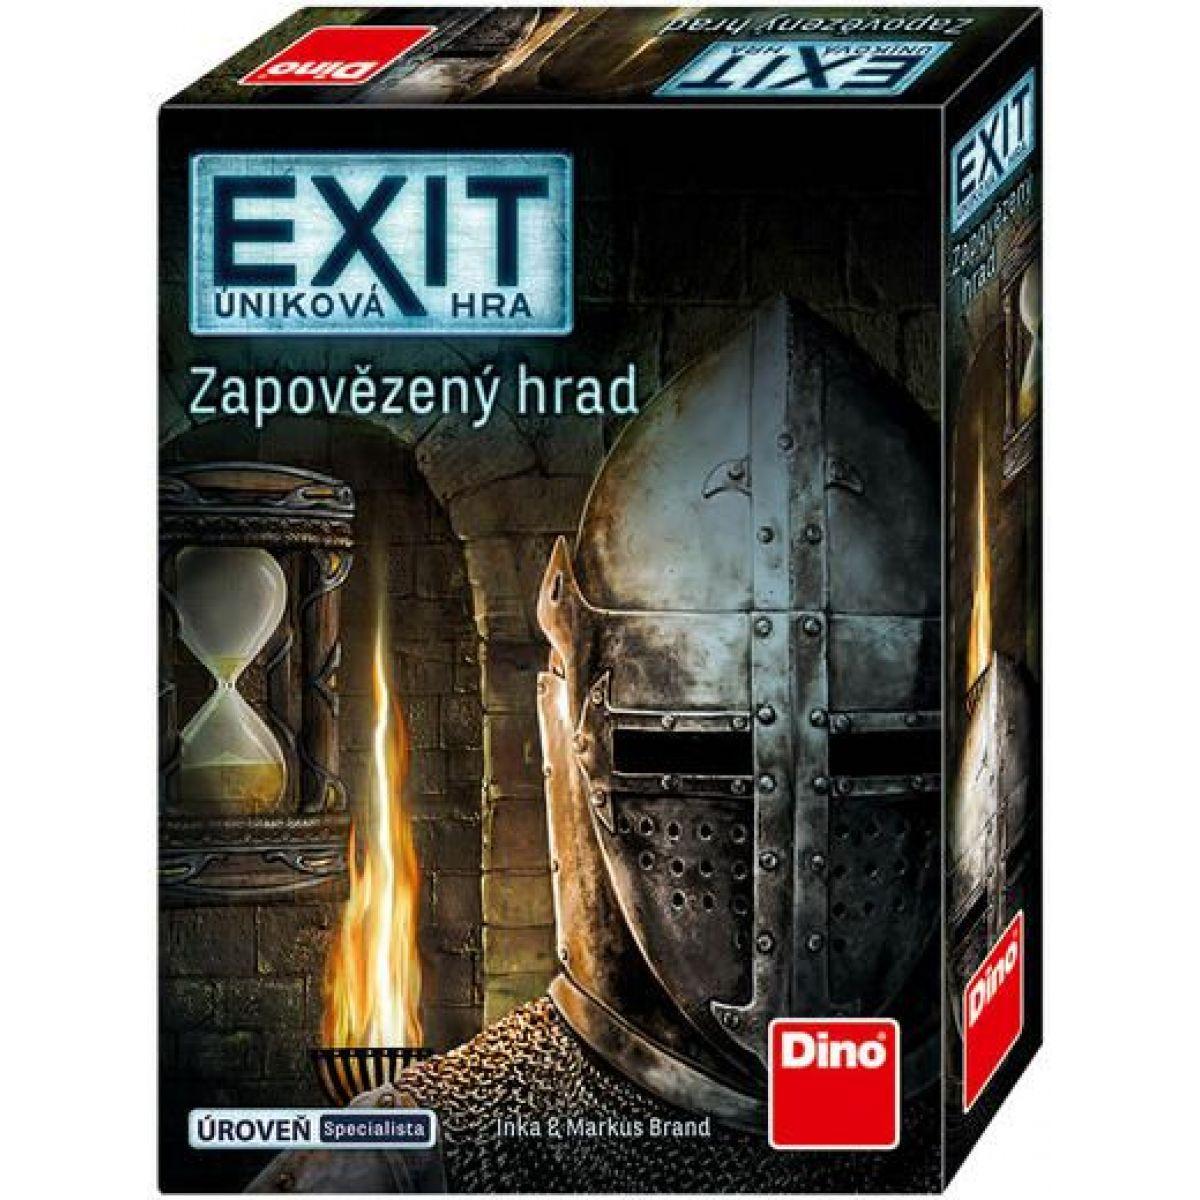 Dino Exit Úniková hra Zakázaný hrad